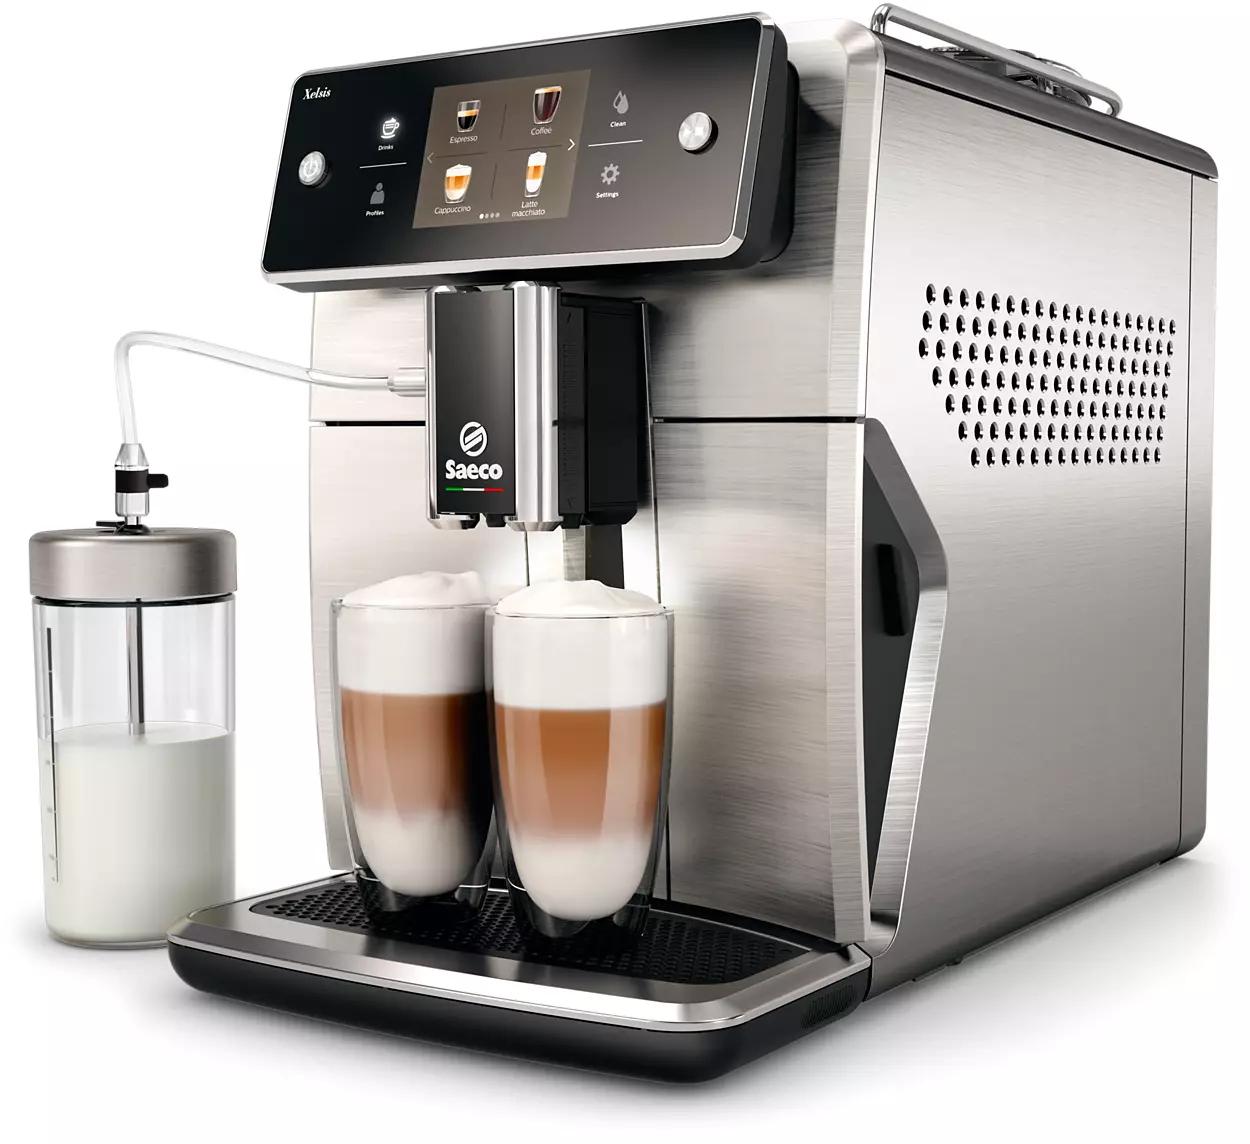 Machine à expresso automatique avec broyeur de grains Philips Saeco Xelsis SM7685/00 (via code)